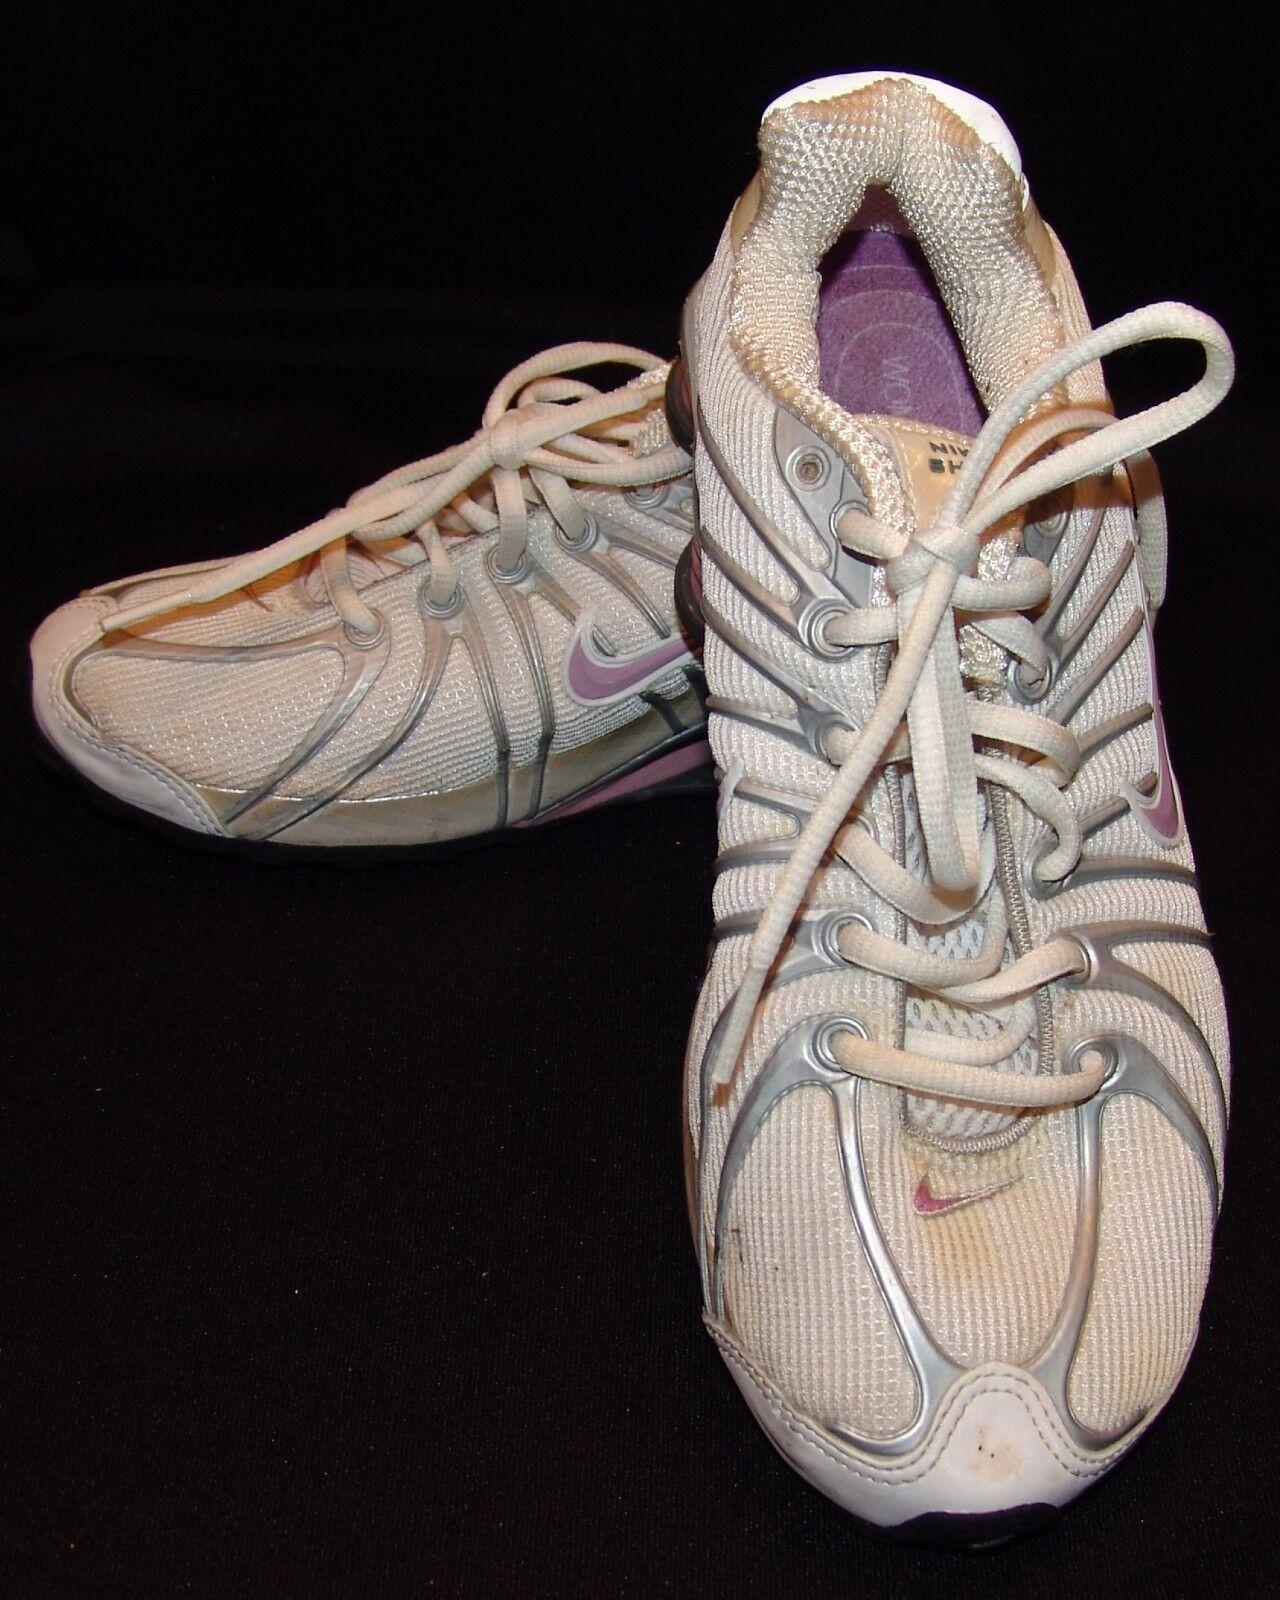 Nike Shox Zapatos Corriendo Zapatos Shox tenis atléticas para mujer 7.5 7 1/2 Plata Blanco 048e93